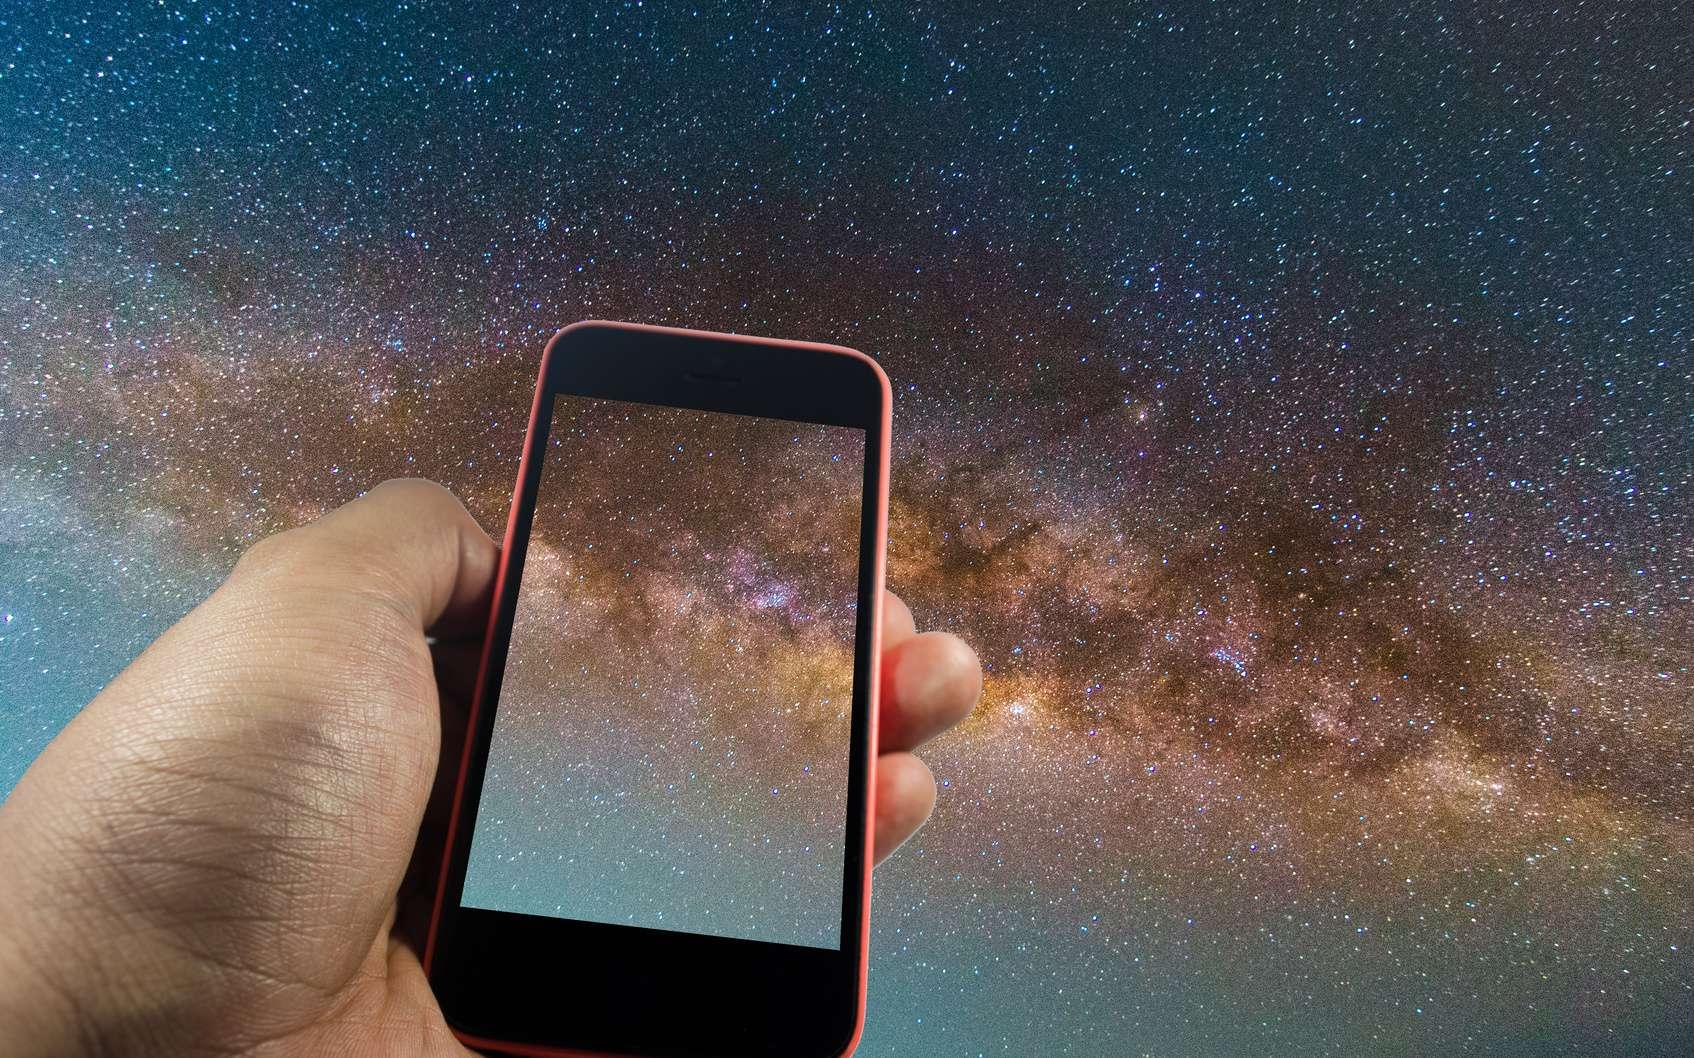 Les meilleures applications smartphone en astronomie. © Vittaya_25, fotolia